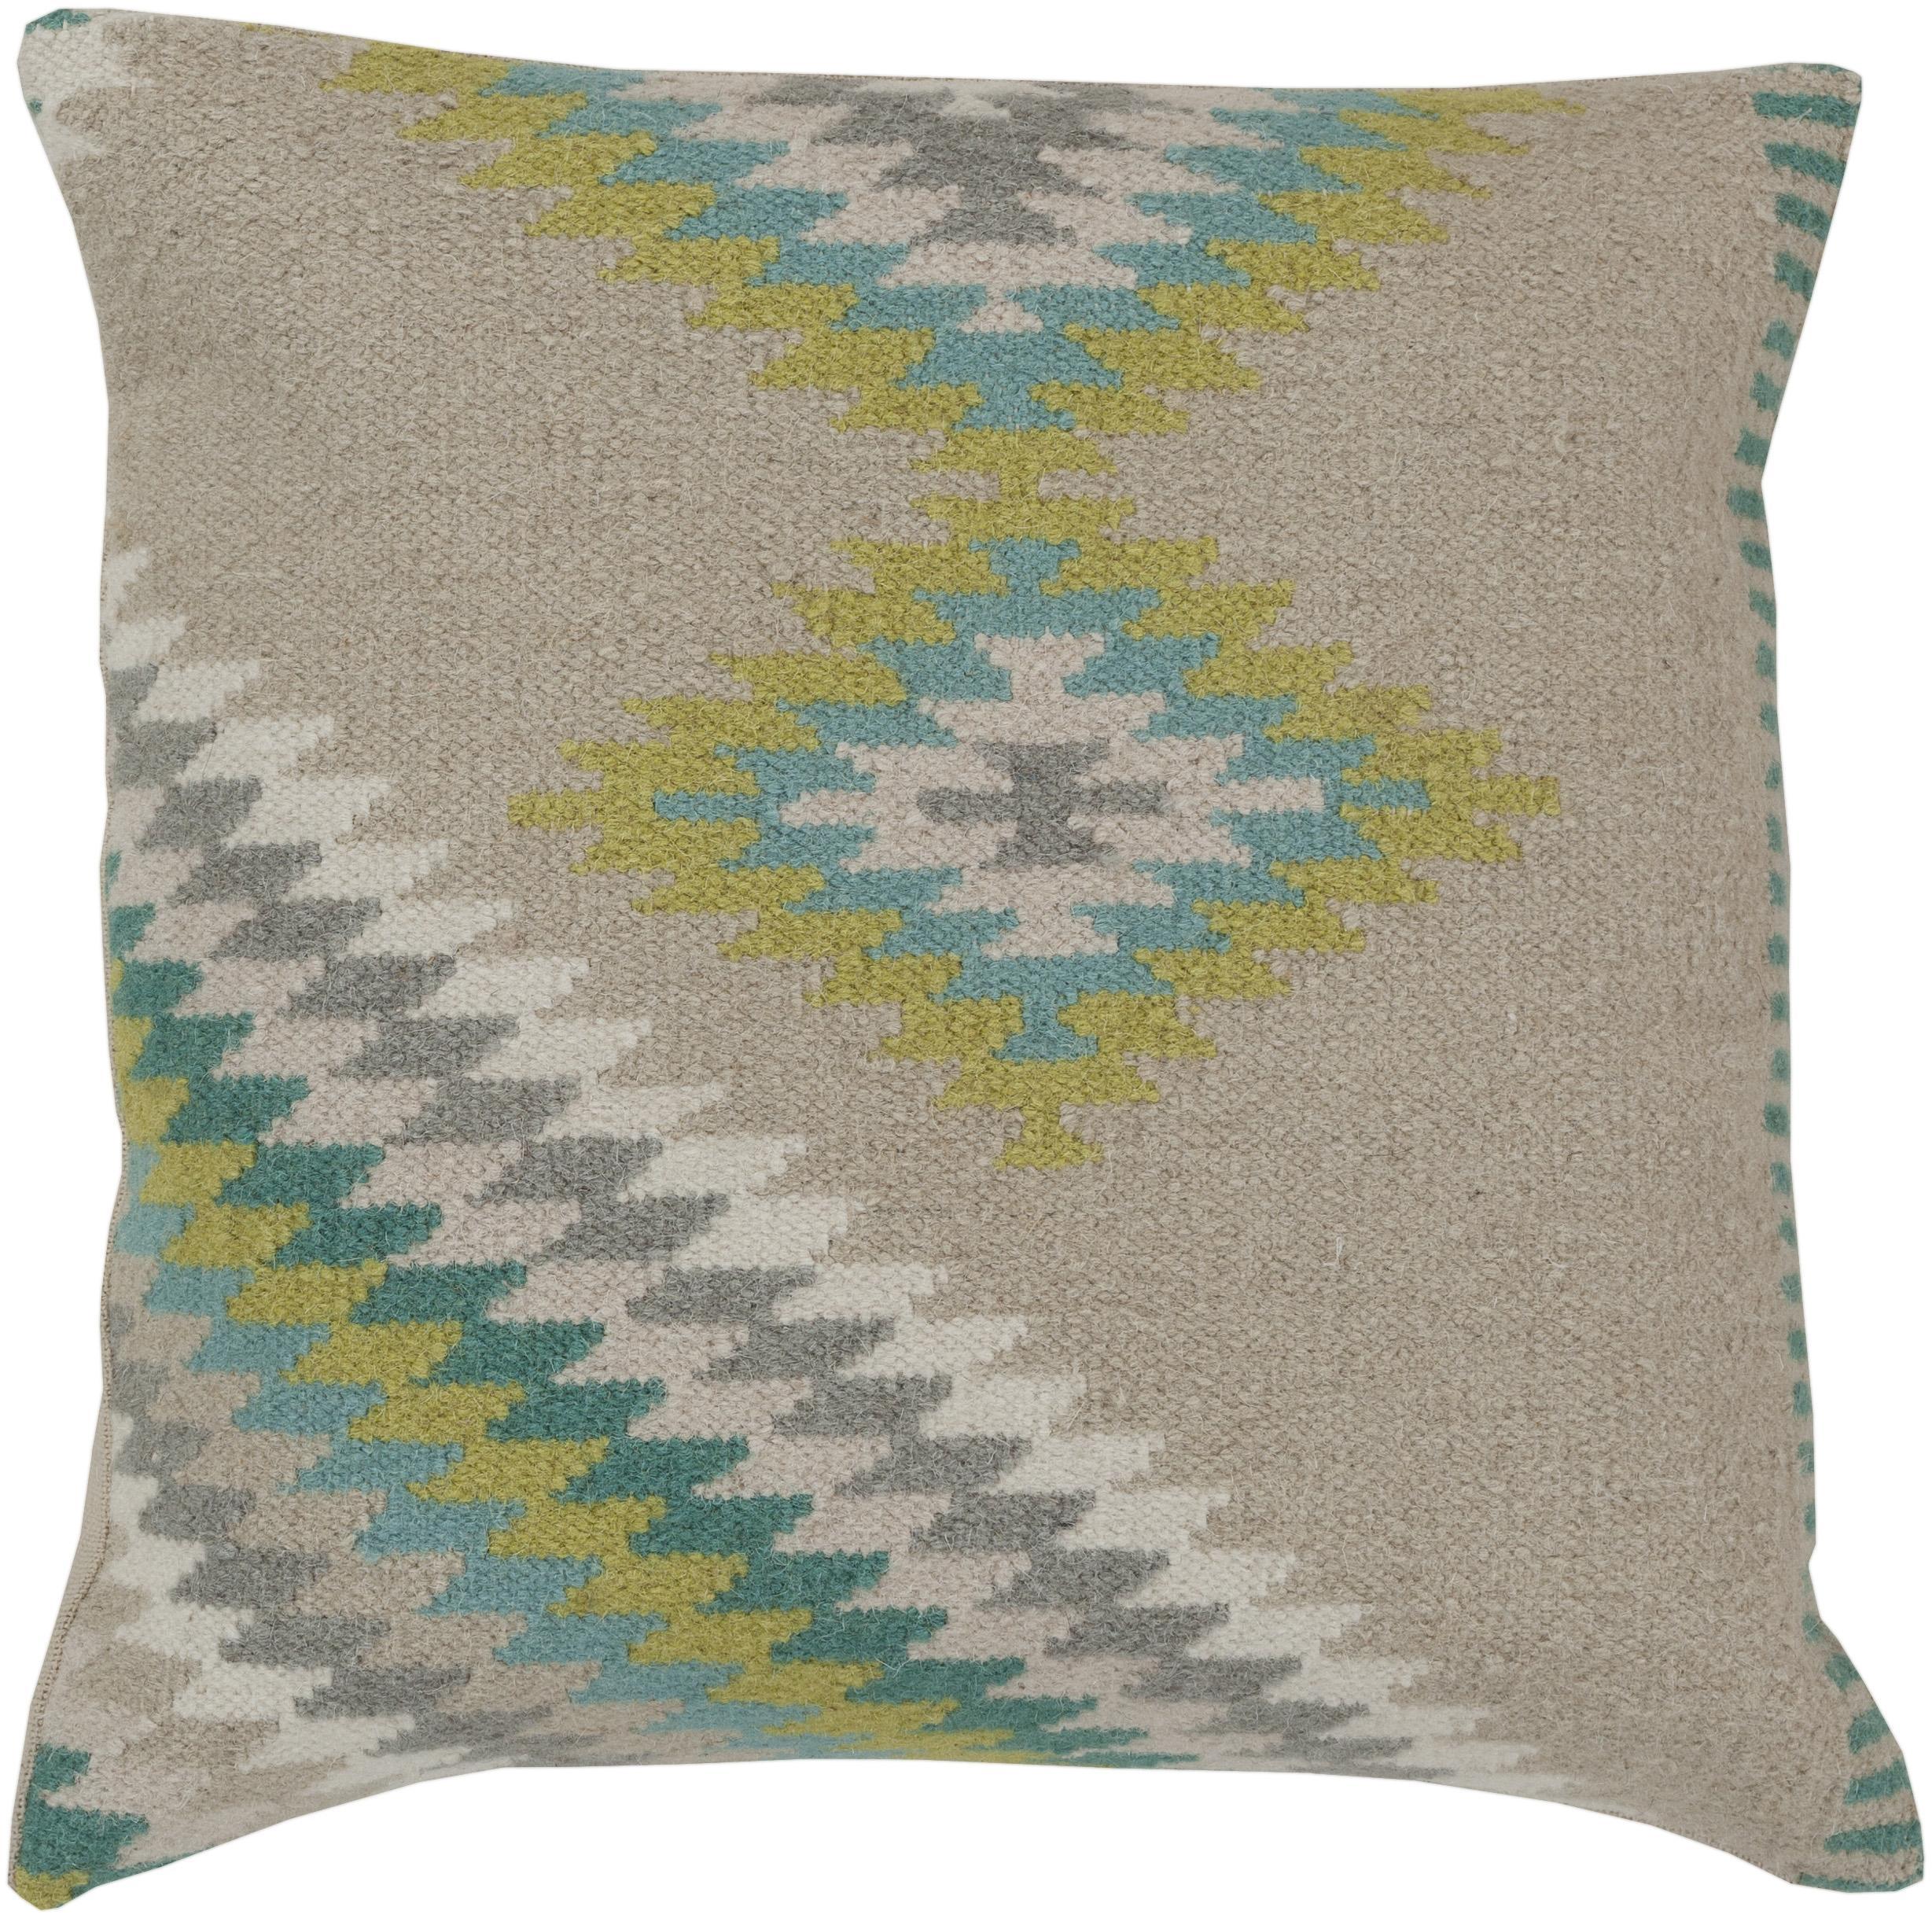 """Surya Rugs Pillows 20"""" x 20"""" Pillow - Item Number: LD034-2020P"""